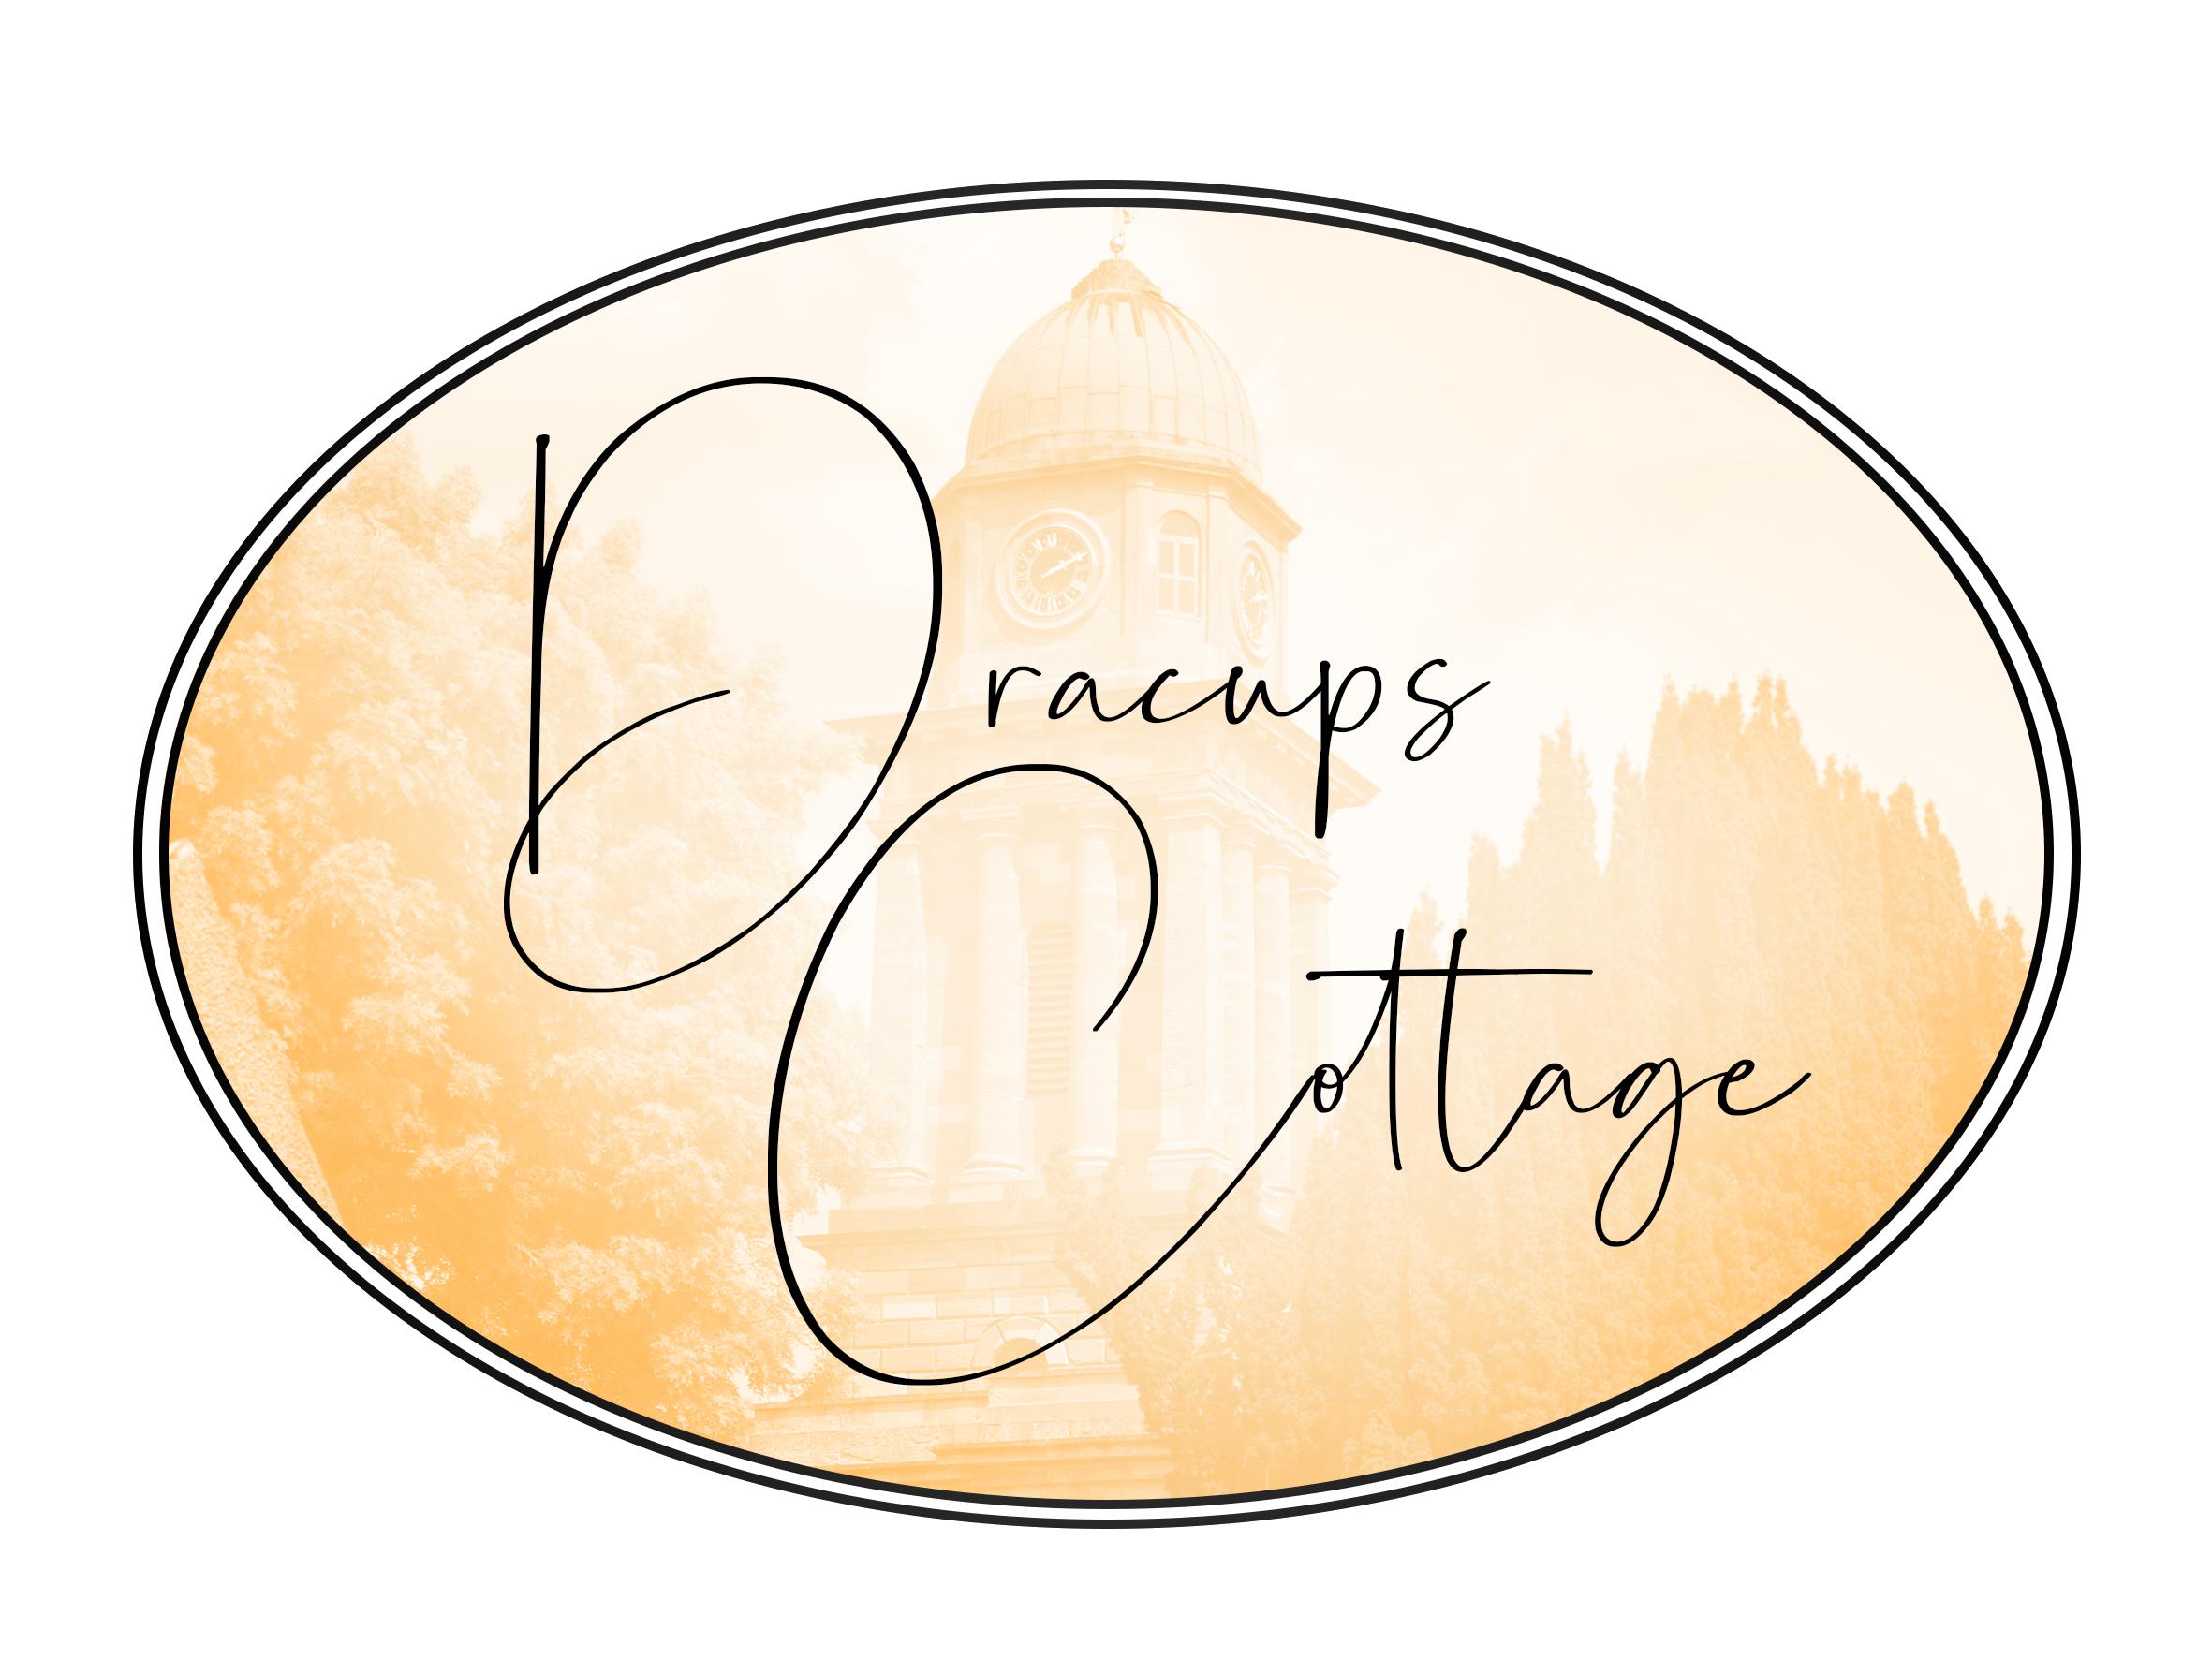 Dracups Cottage